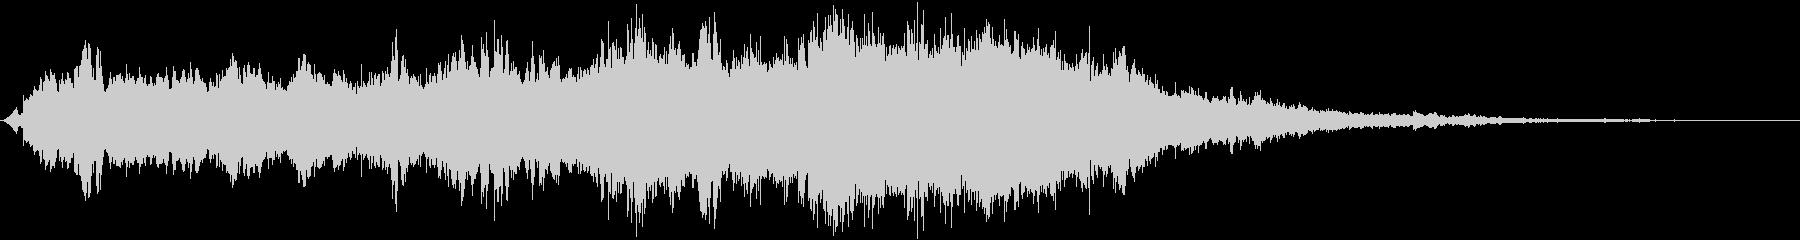 スパークリングウインドカレントの未再生の波形